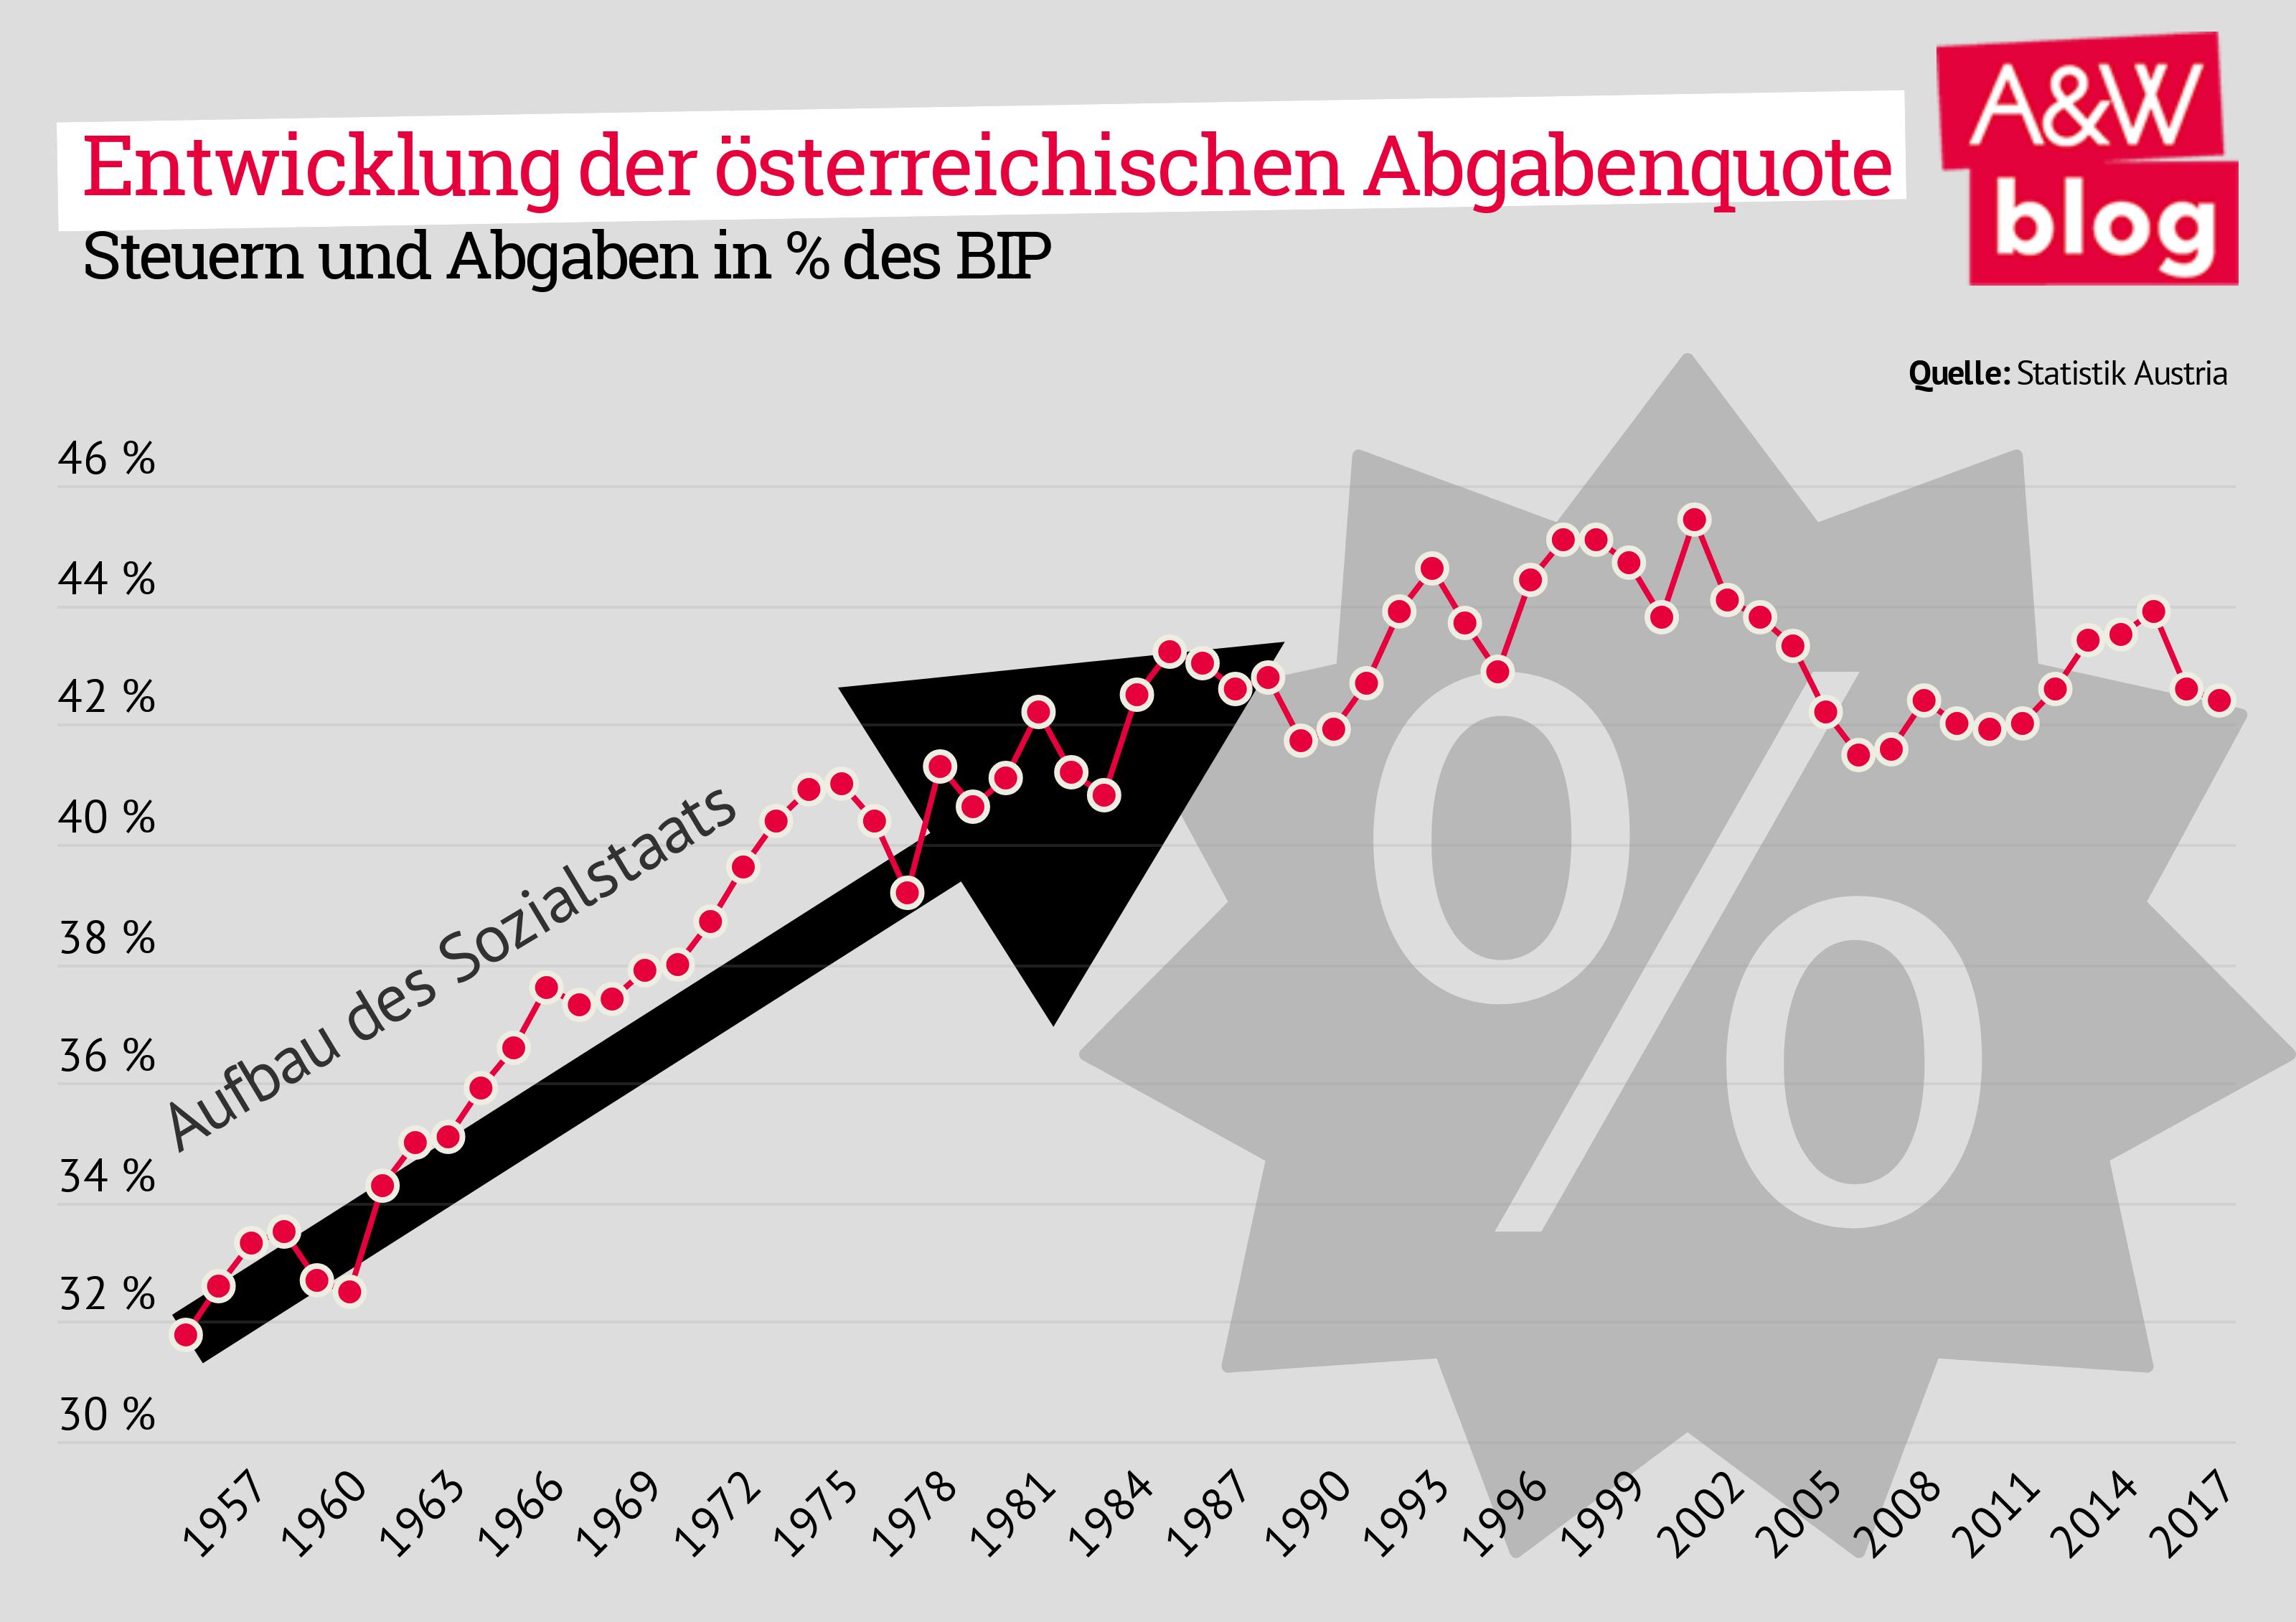 Entwicklung der österreichischen Abgabenquote